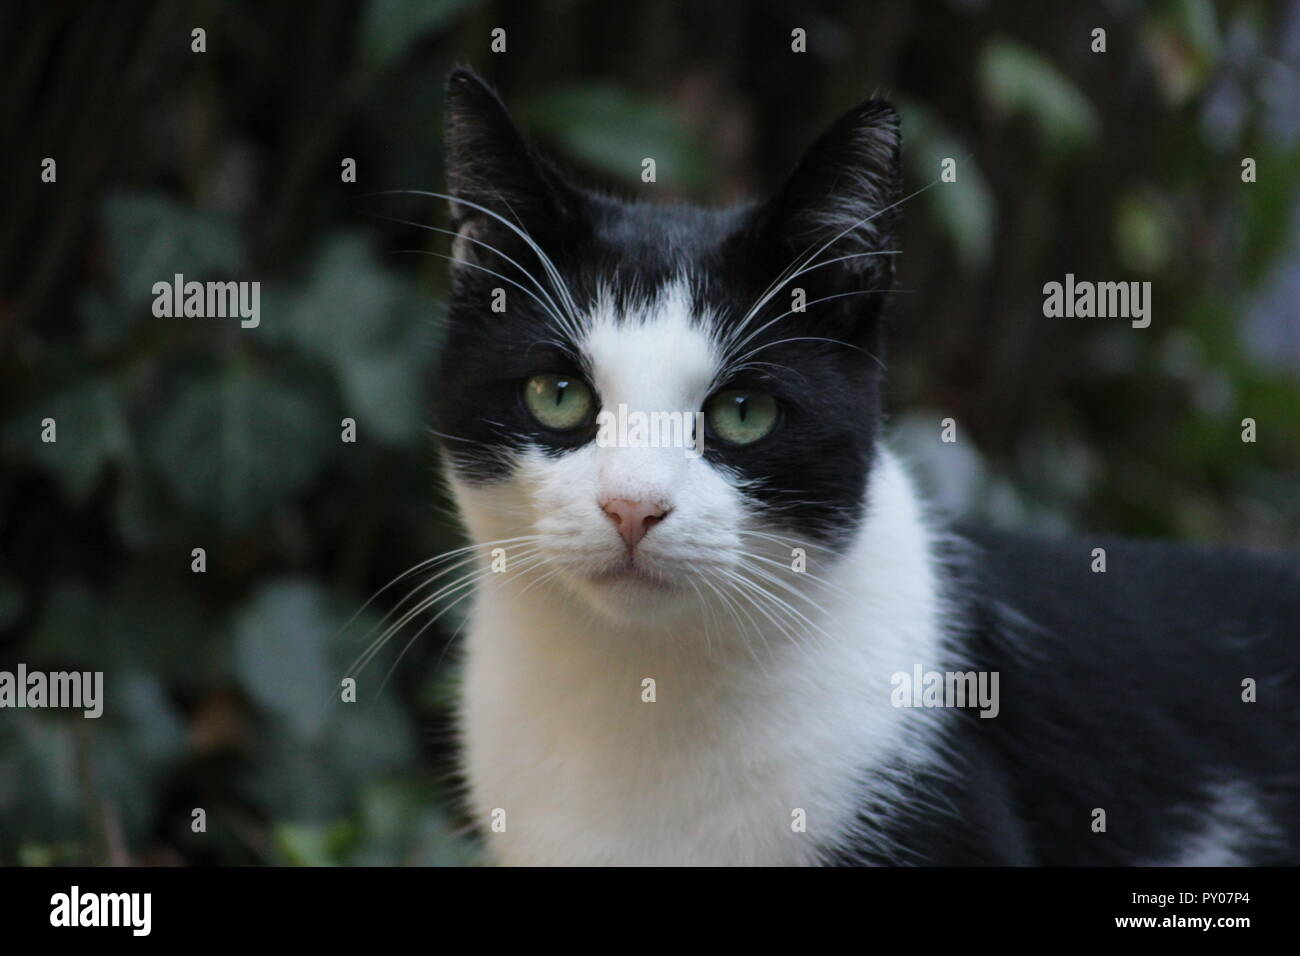 Cat in the garden - Stock Image